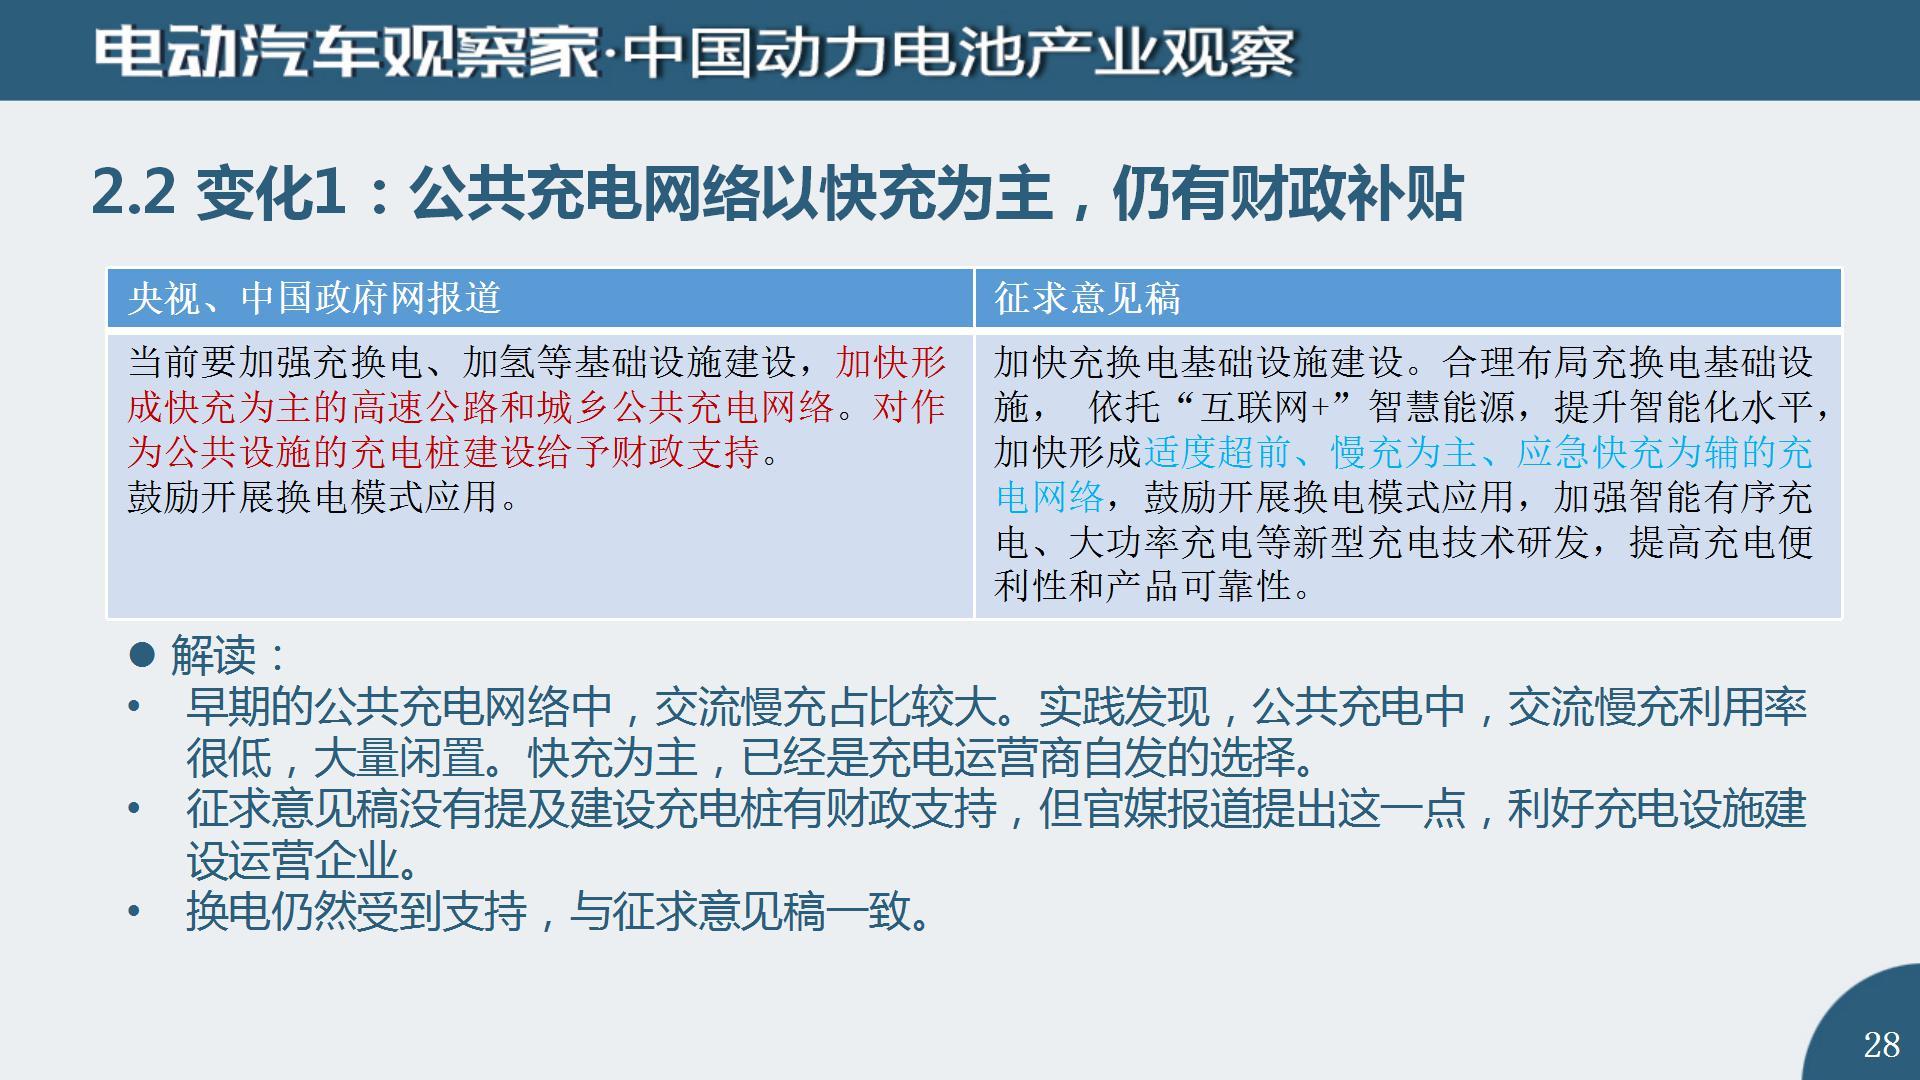 中国动力电池产业观察2020年9月_28